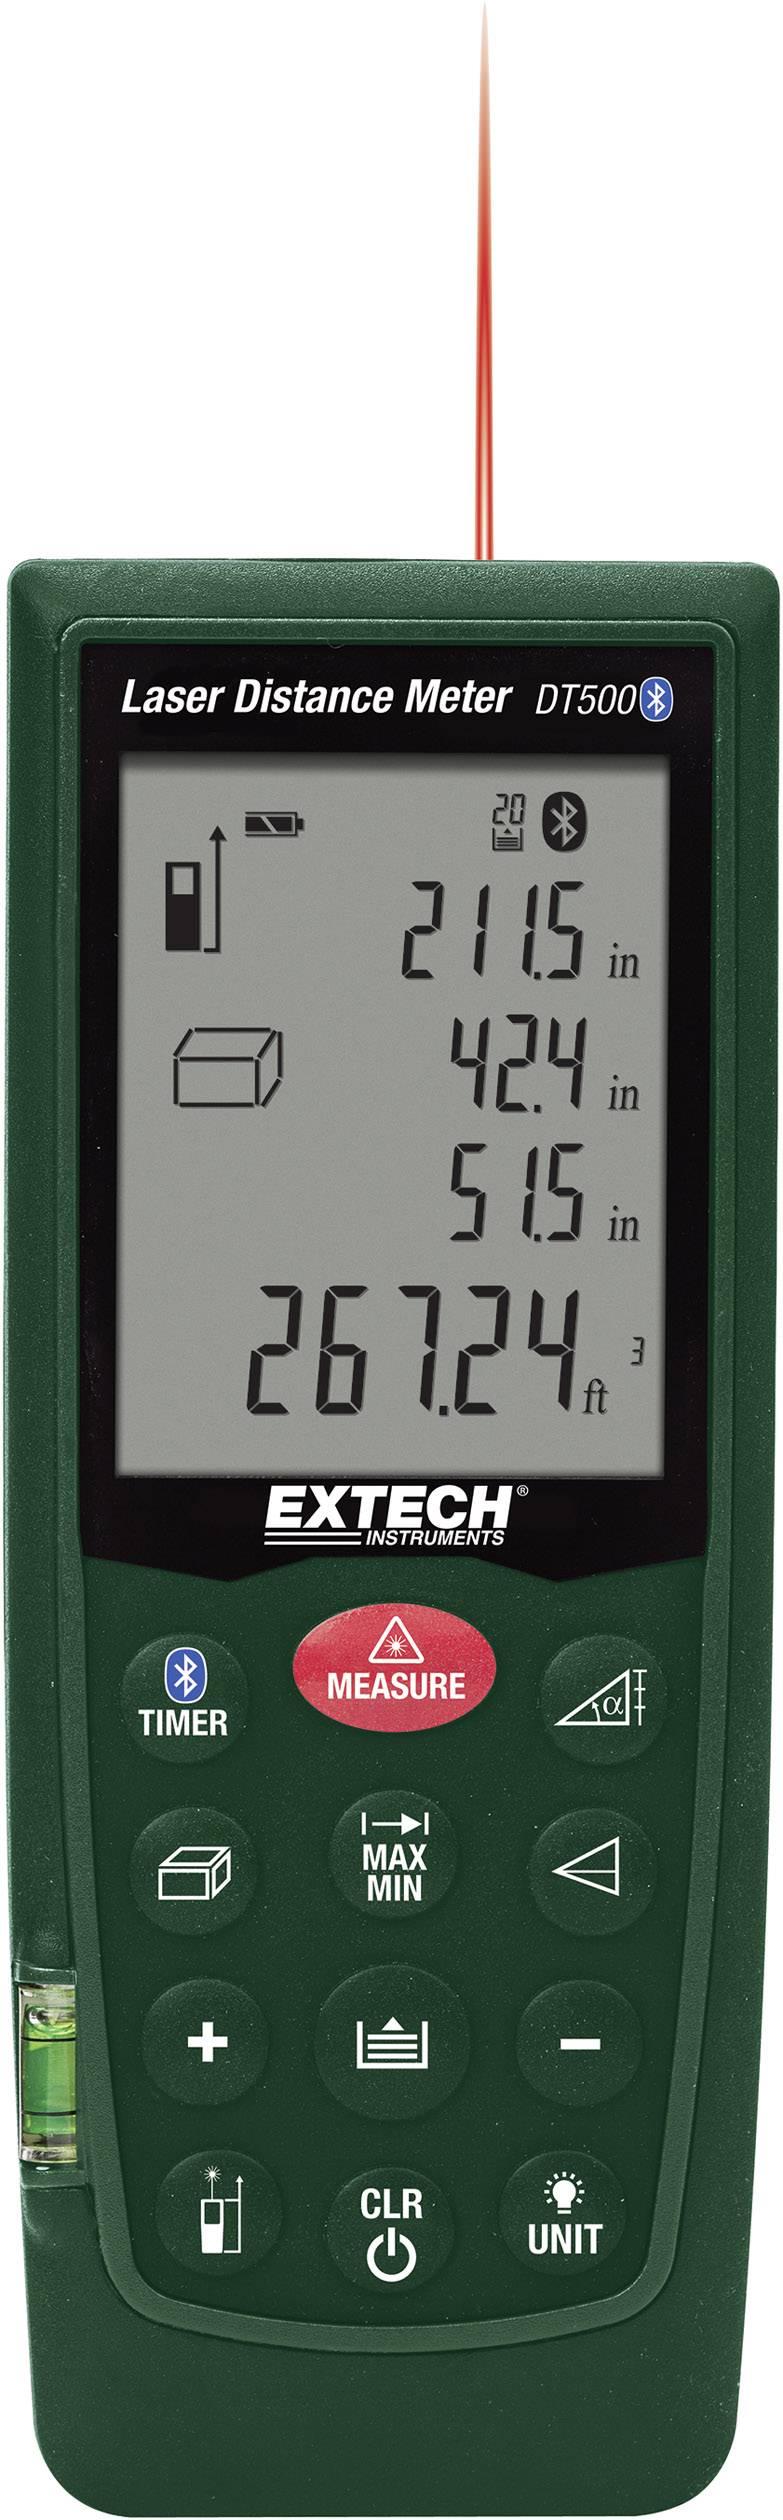 Laserový měřič vzdálenosti Extech DT500 DT500, max. rozsah 70 m